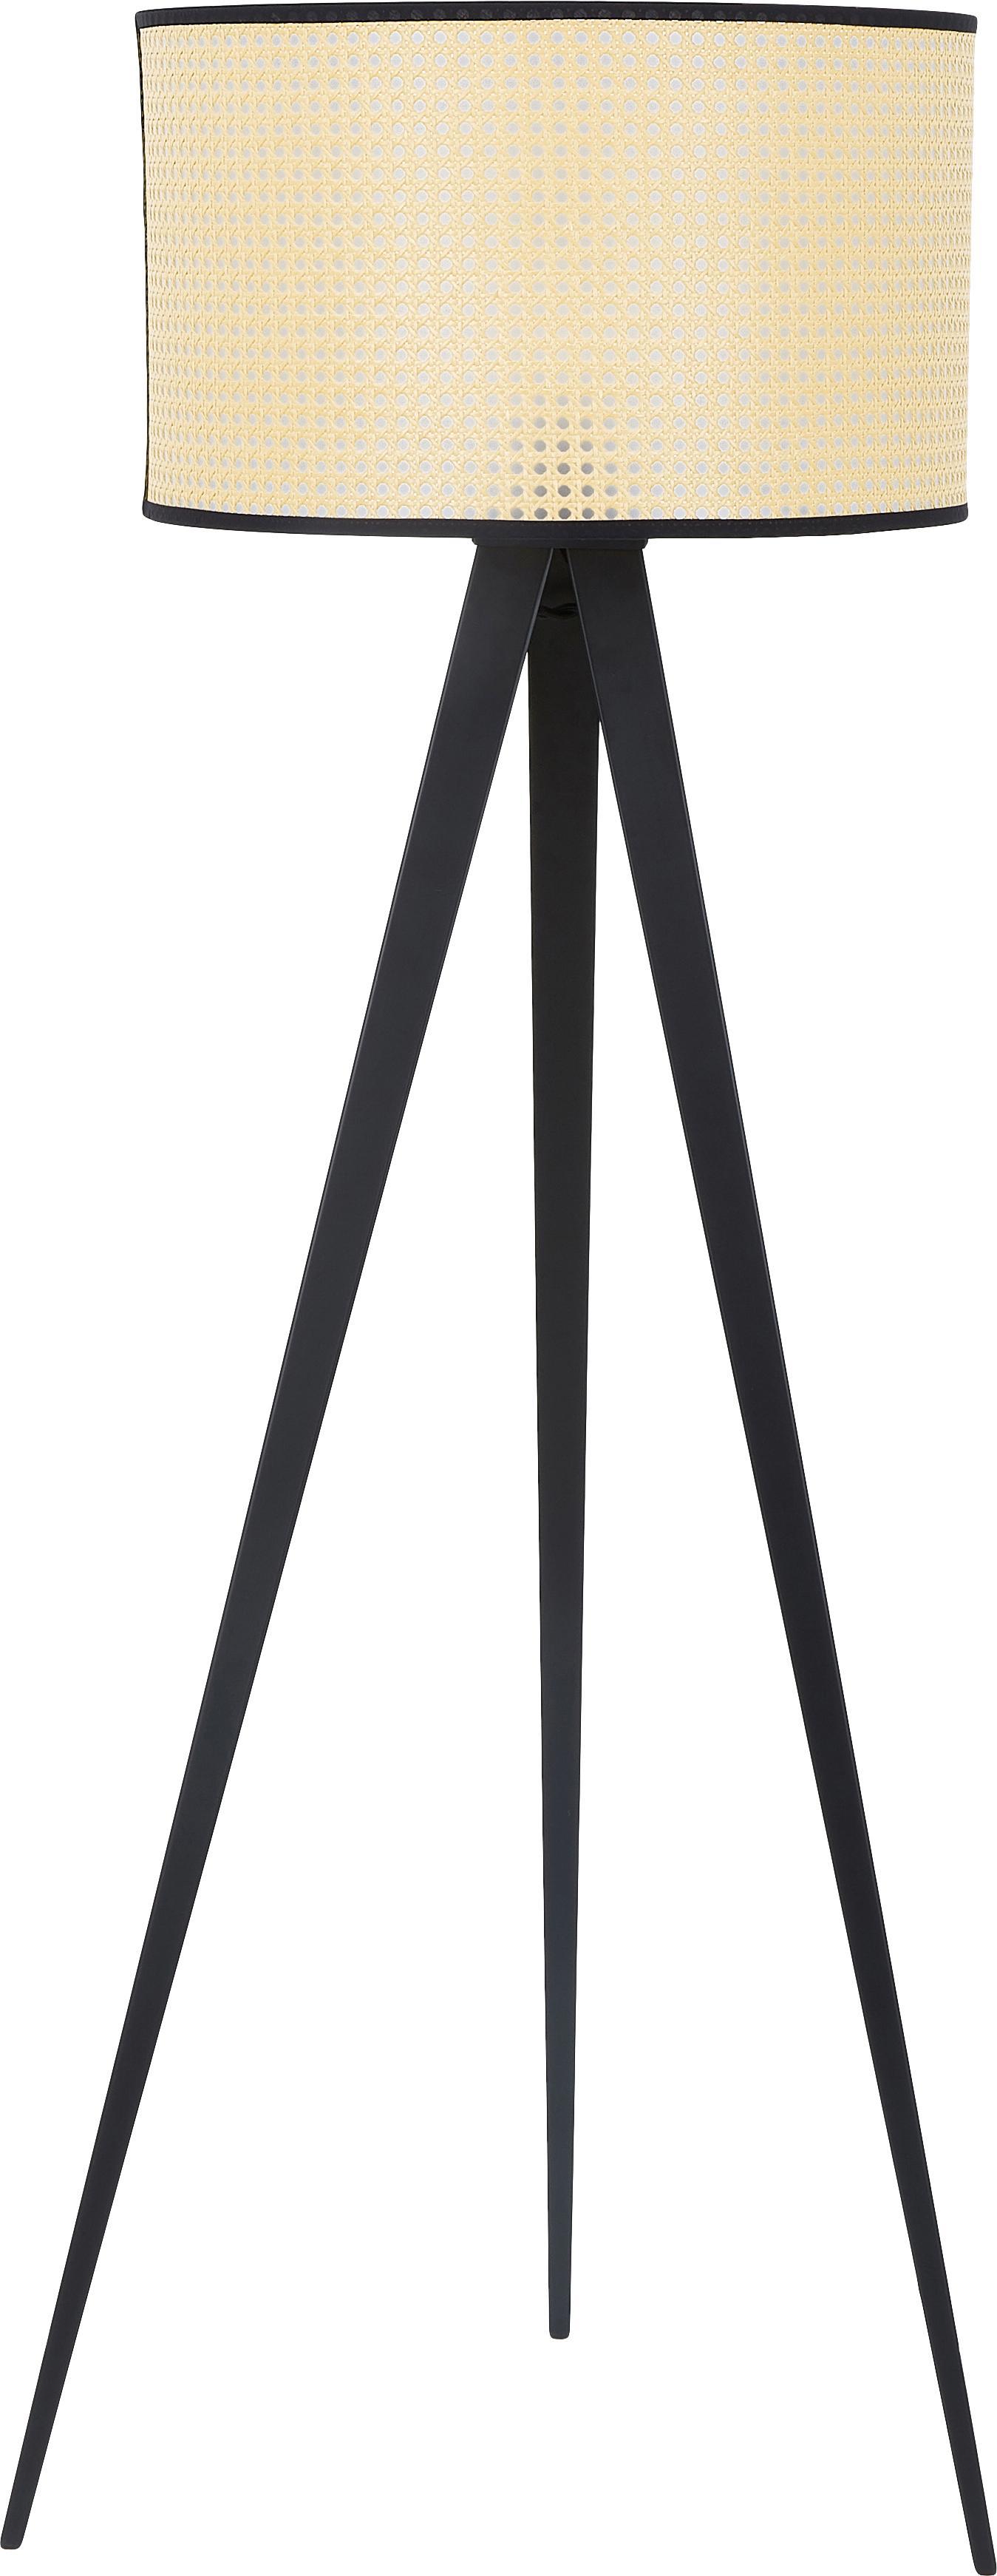 Tripod Stehlampe Vienna aus Wiener Geflecht, Lampenschirm: Kunststoff, Lampenfuß: Metall, pulverbeschichtet, Lampenschirm: Beige, SchwarzLampenfuß: Schwarz, mattKabel: Schwarz, ∅ 50 x H 154 cm